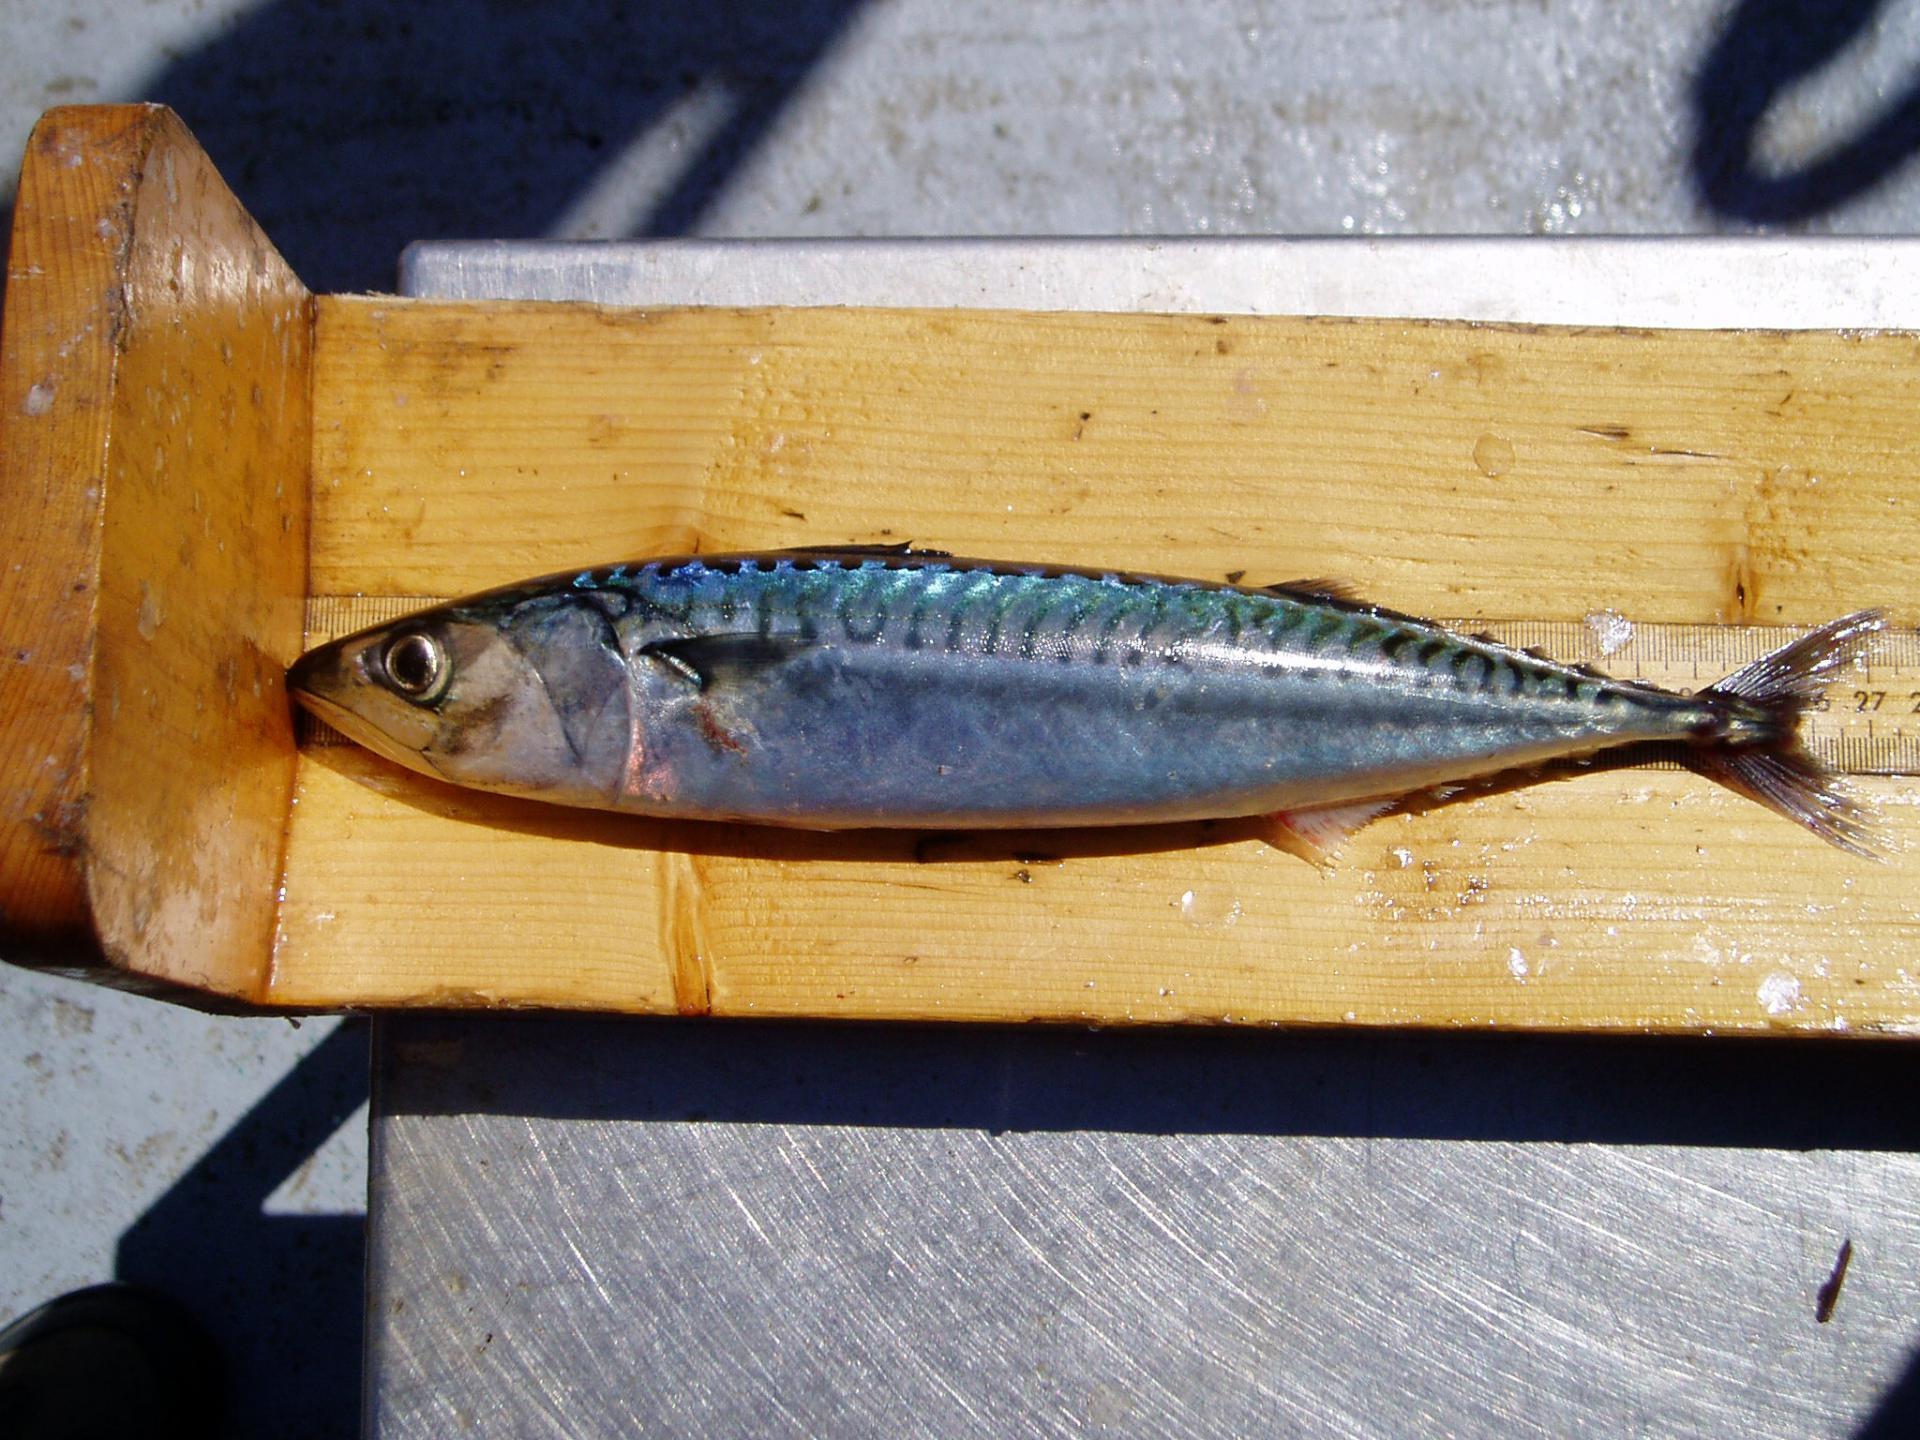 mjesta za velike ribe možete li spojiti telefon verizon na plan za djevičanske mobilne uređaje